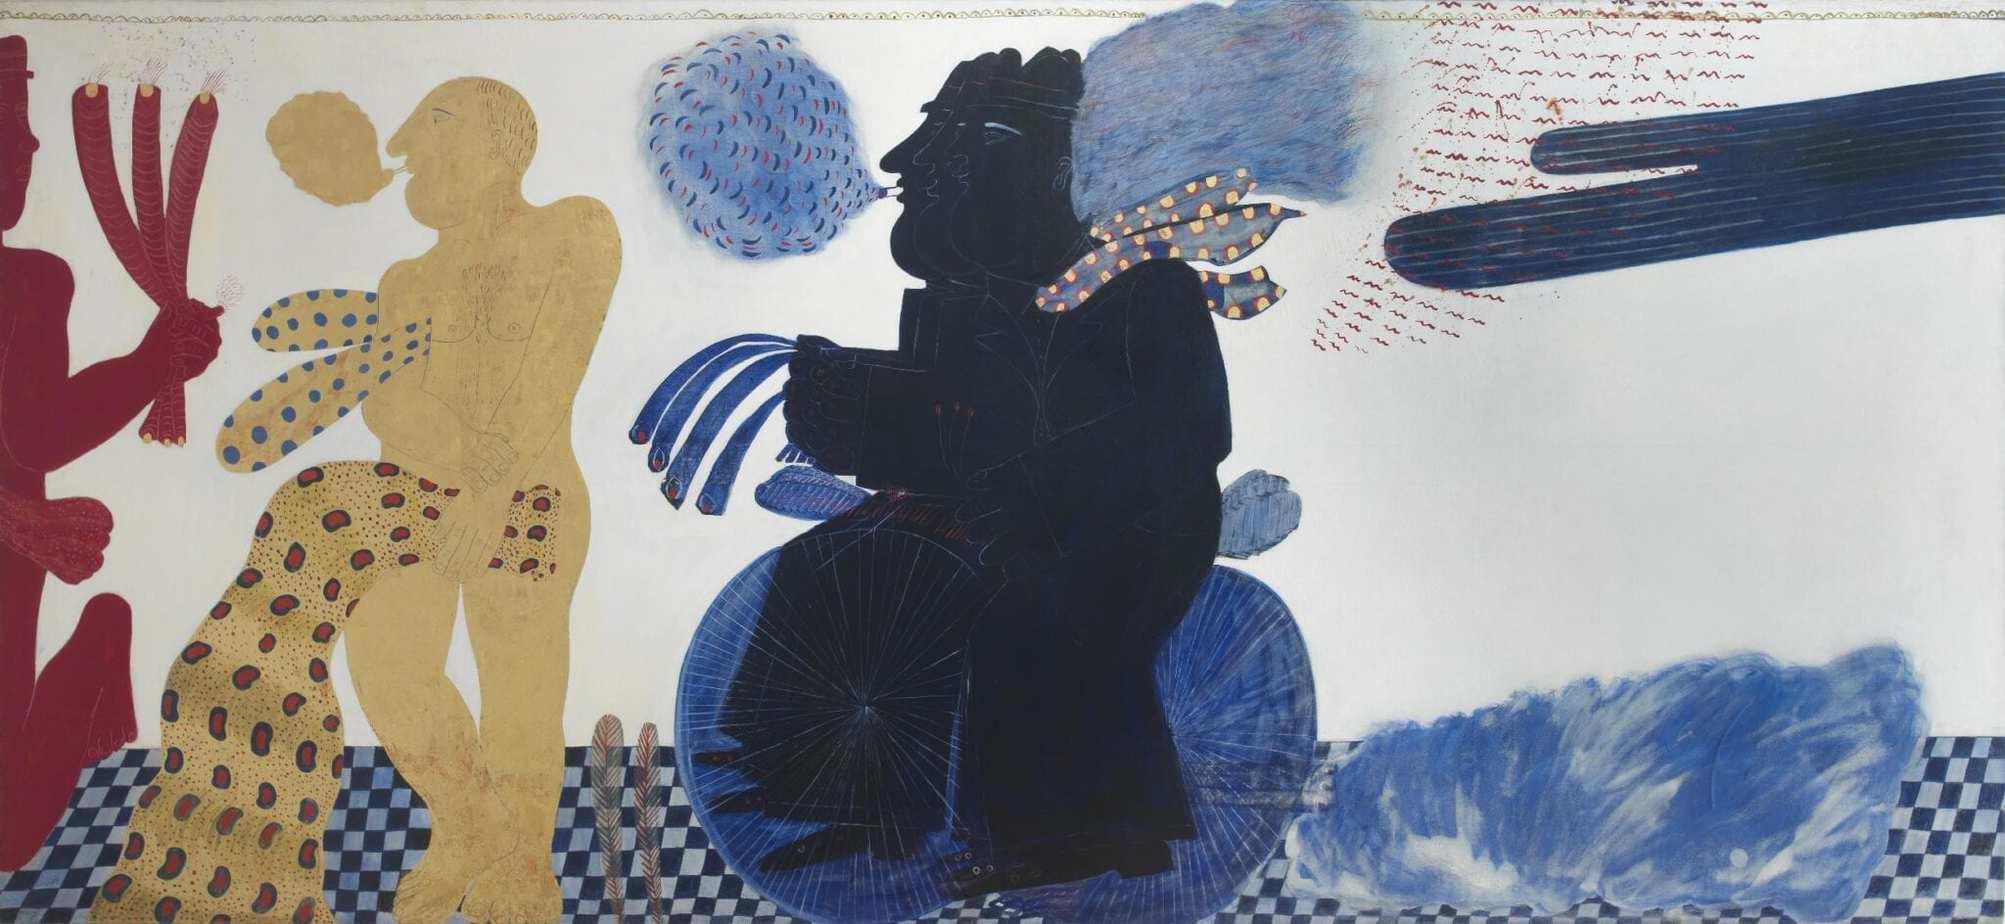 """ΑΛΕΚΟΣ ΦΑΣΙΑΝΟΣ """"Μικρή αναχρονιστική σουίτα ή η ζωή του αναστάσιου σε 24 ώρες"""" Λάδι σε καμβά με φύλλο χρυσού 160 x 350 cm, 1970 Roma Gallery"""